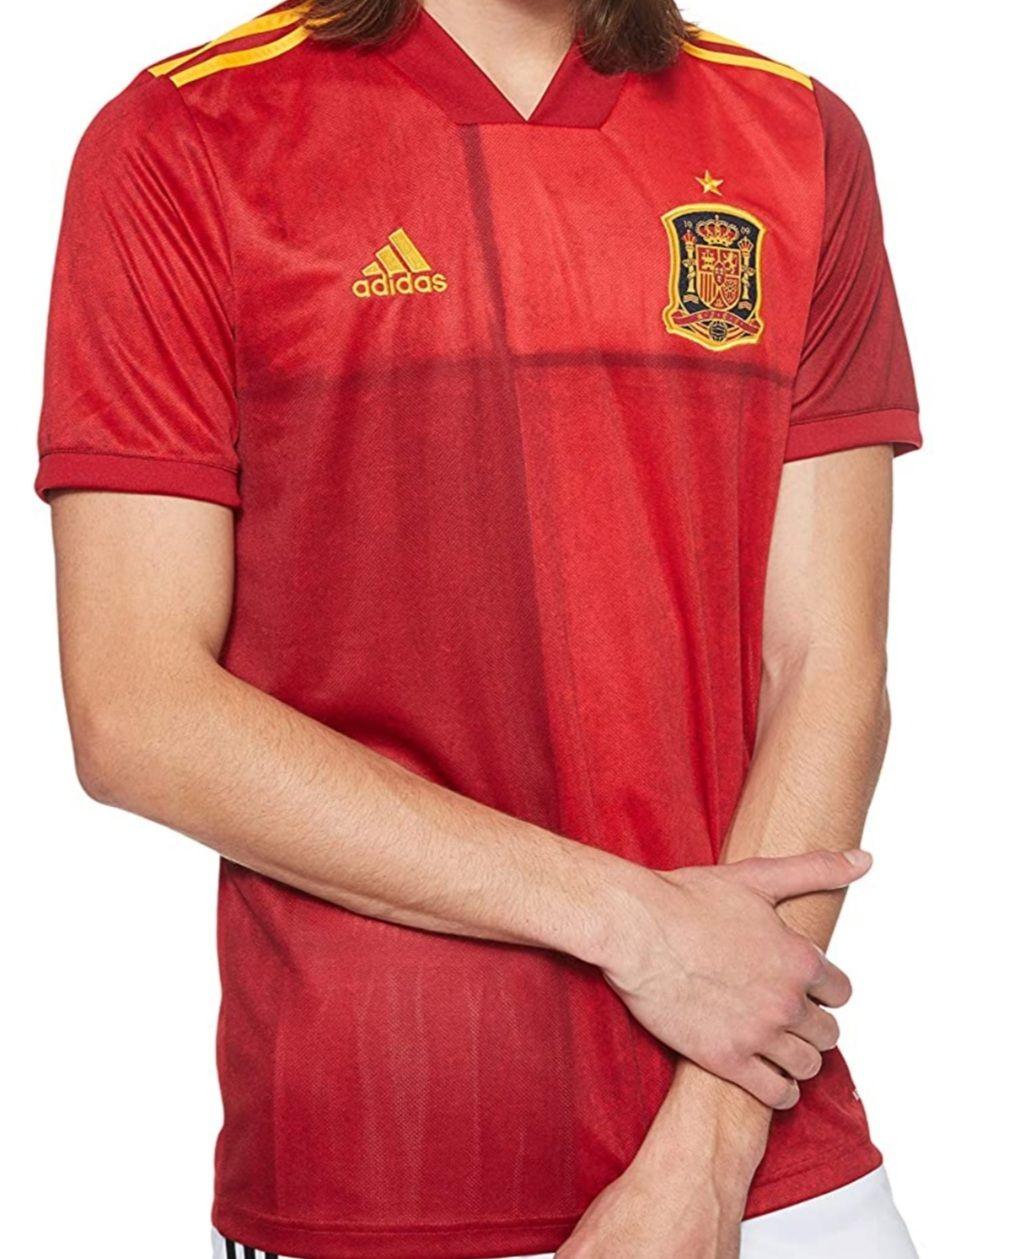 Camiseta adidas Selección Española Temporada 2020/21